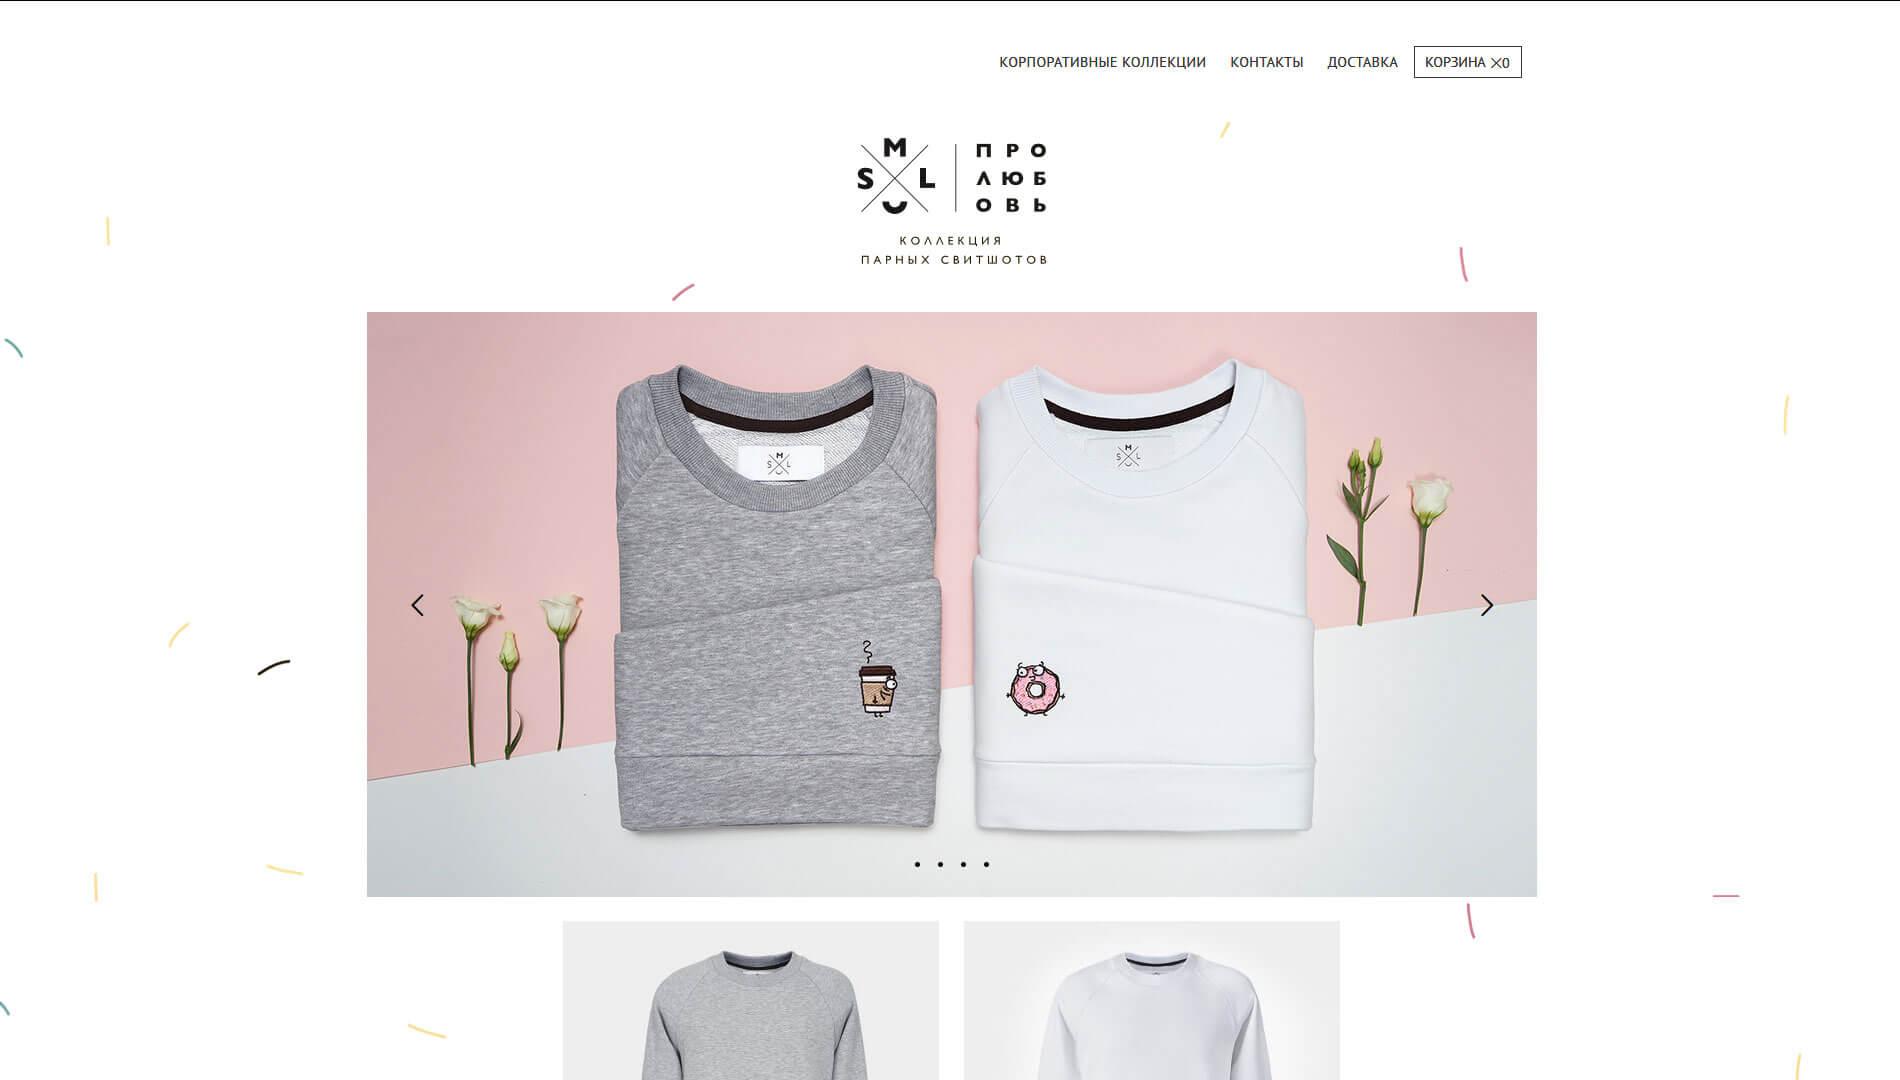 Интернет-магазин дизайнерских свитшотов SML (Москва)